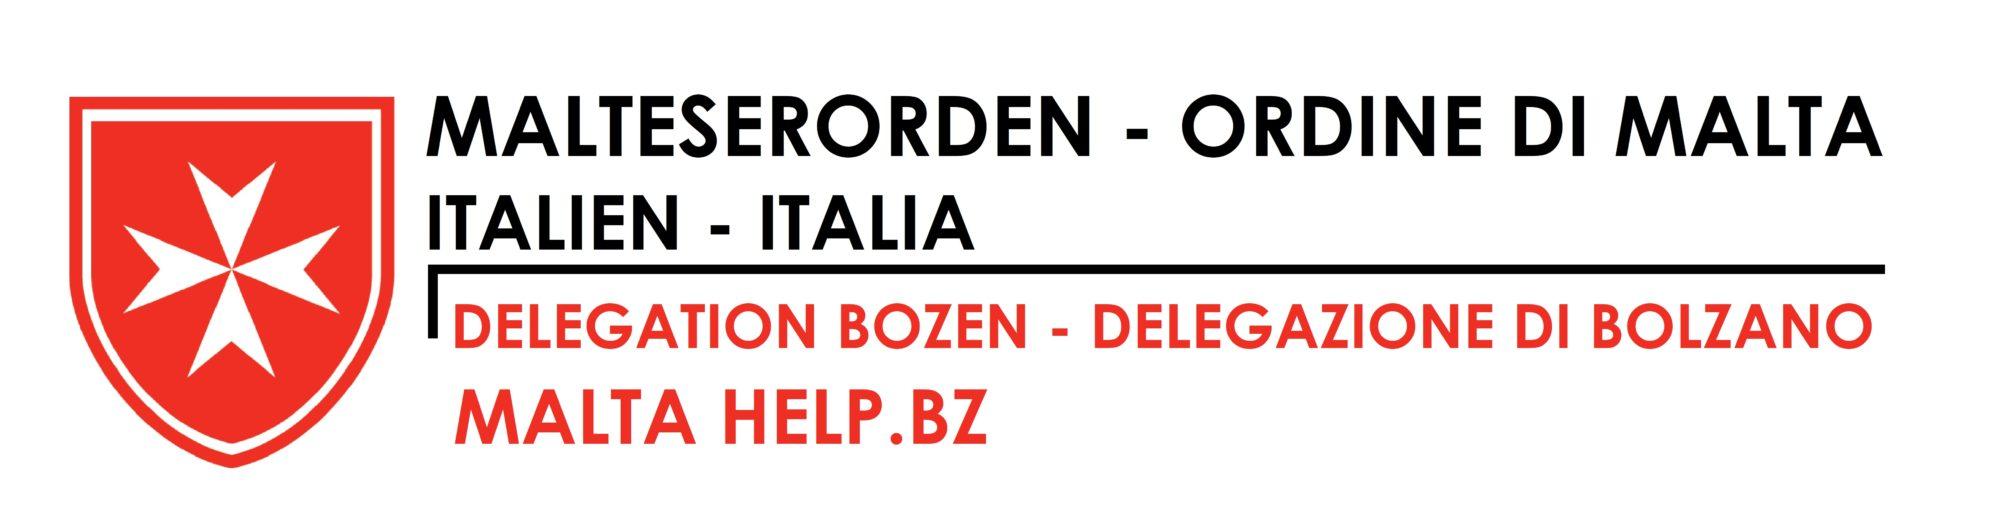 Malta Help.bz